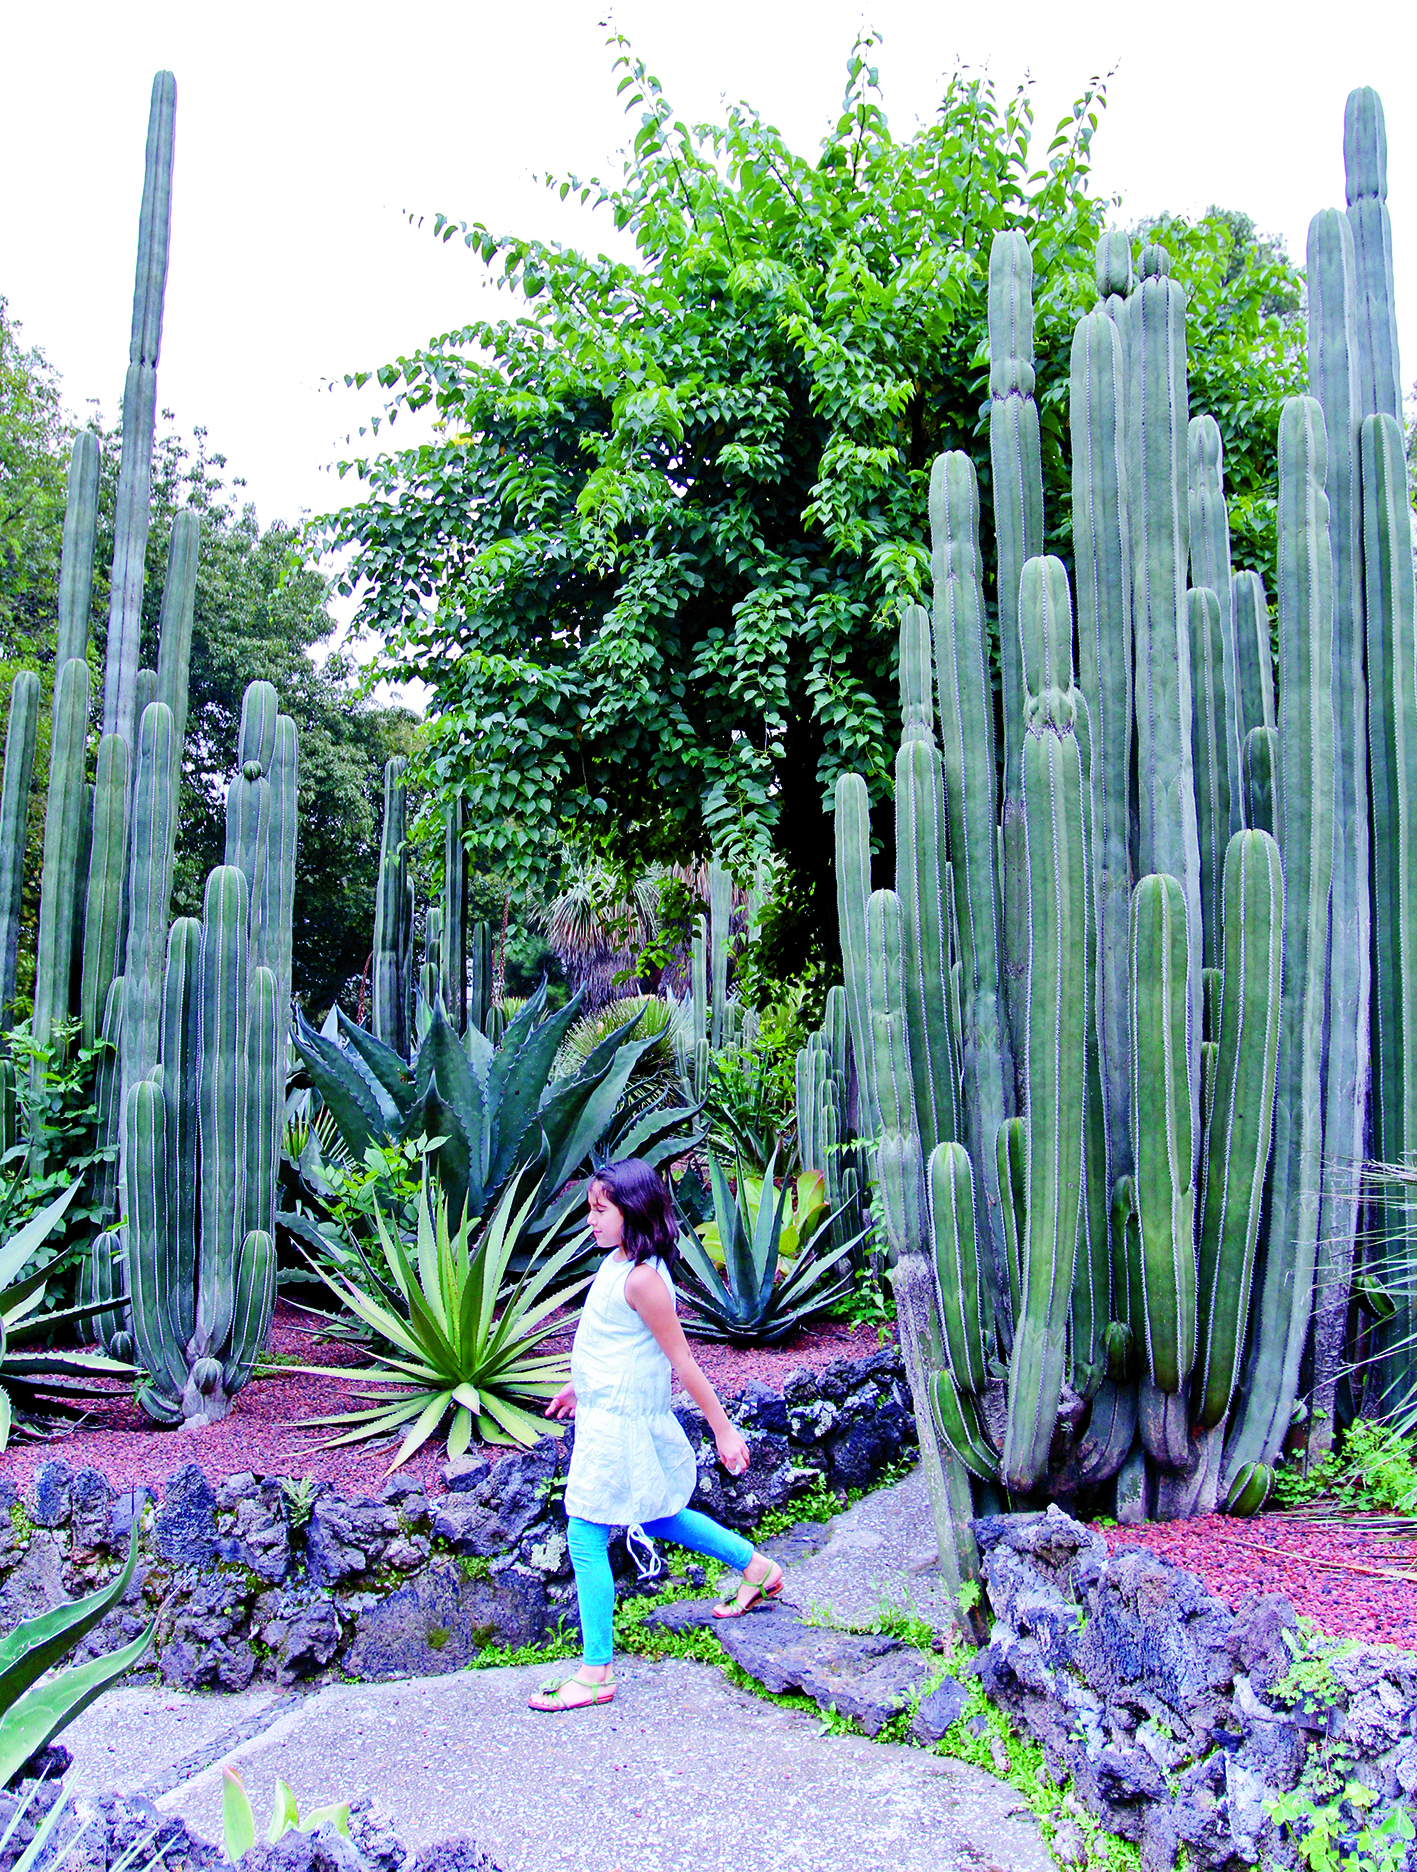 MÉXICO, D.F., 04AGOSTO2012.- Familias acuden en este periodo vacacional al Jardín Botánico de la UNAM, donde aprenden a relacionarse con la naturaleza, además de algunos talleres artísticos. FOTO: ISAAC ESQUIVEL /CUARTOSCURO.COM